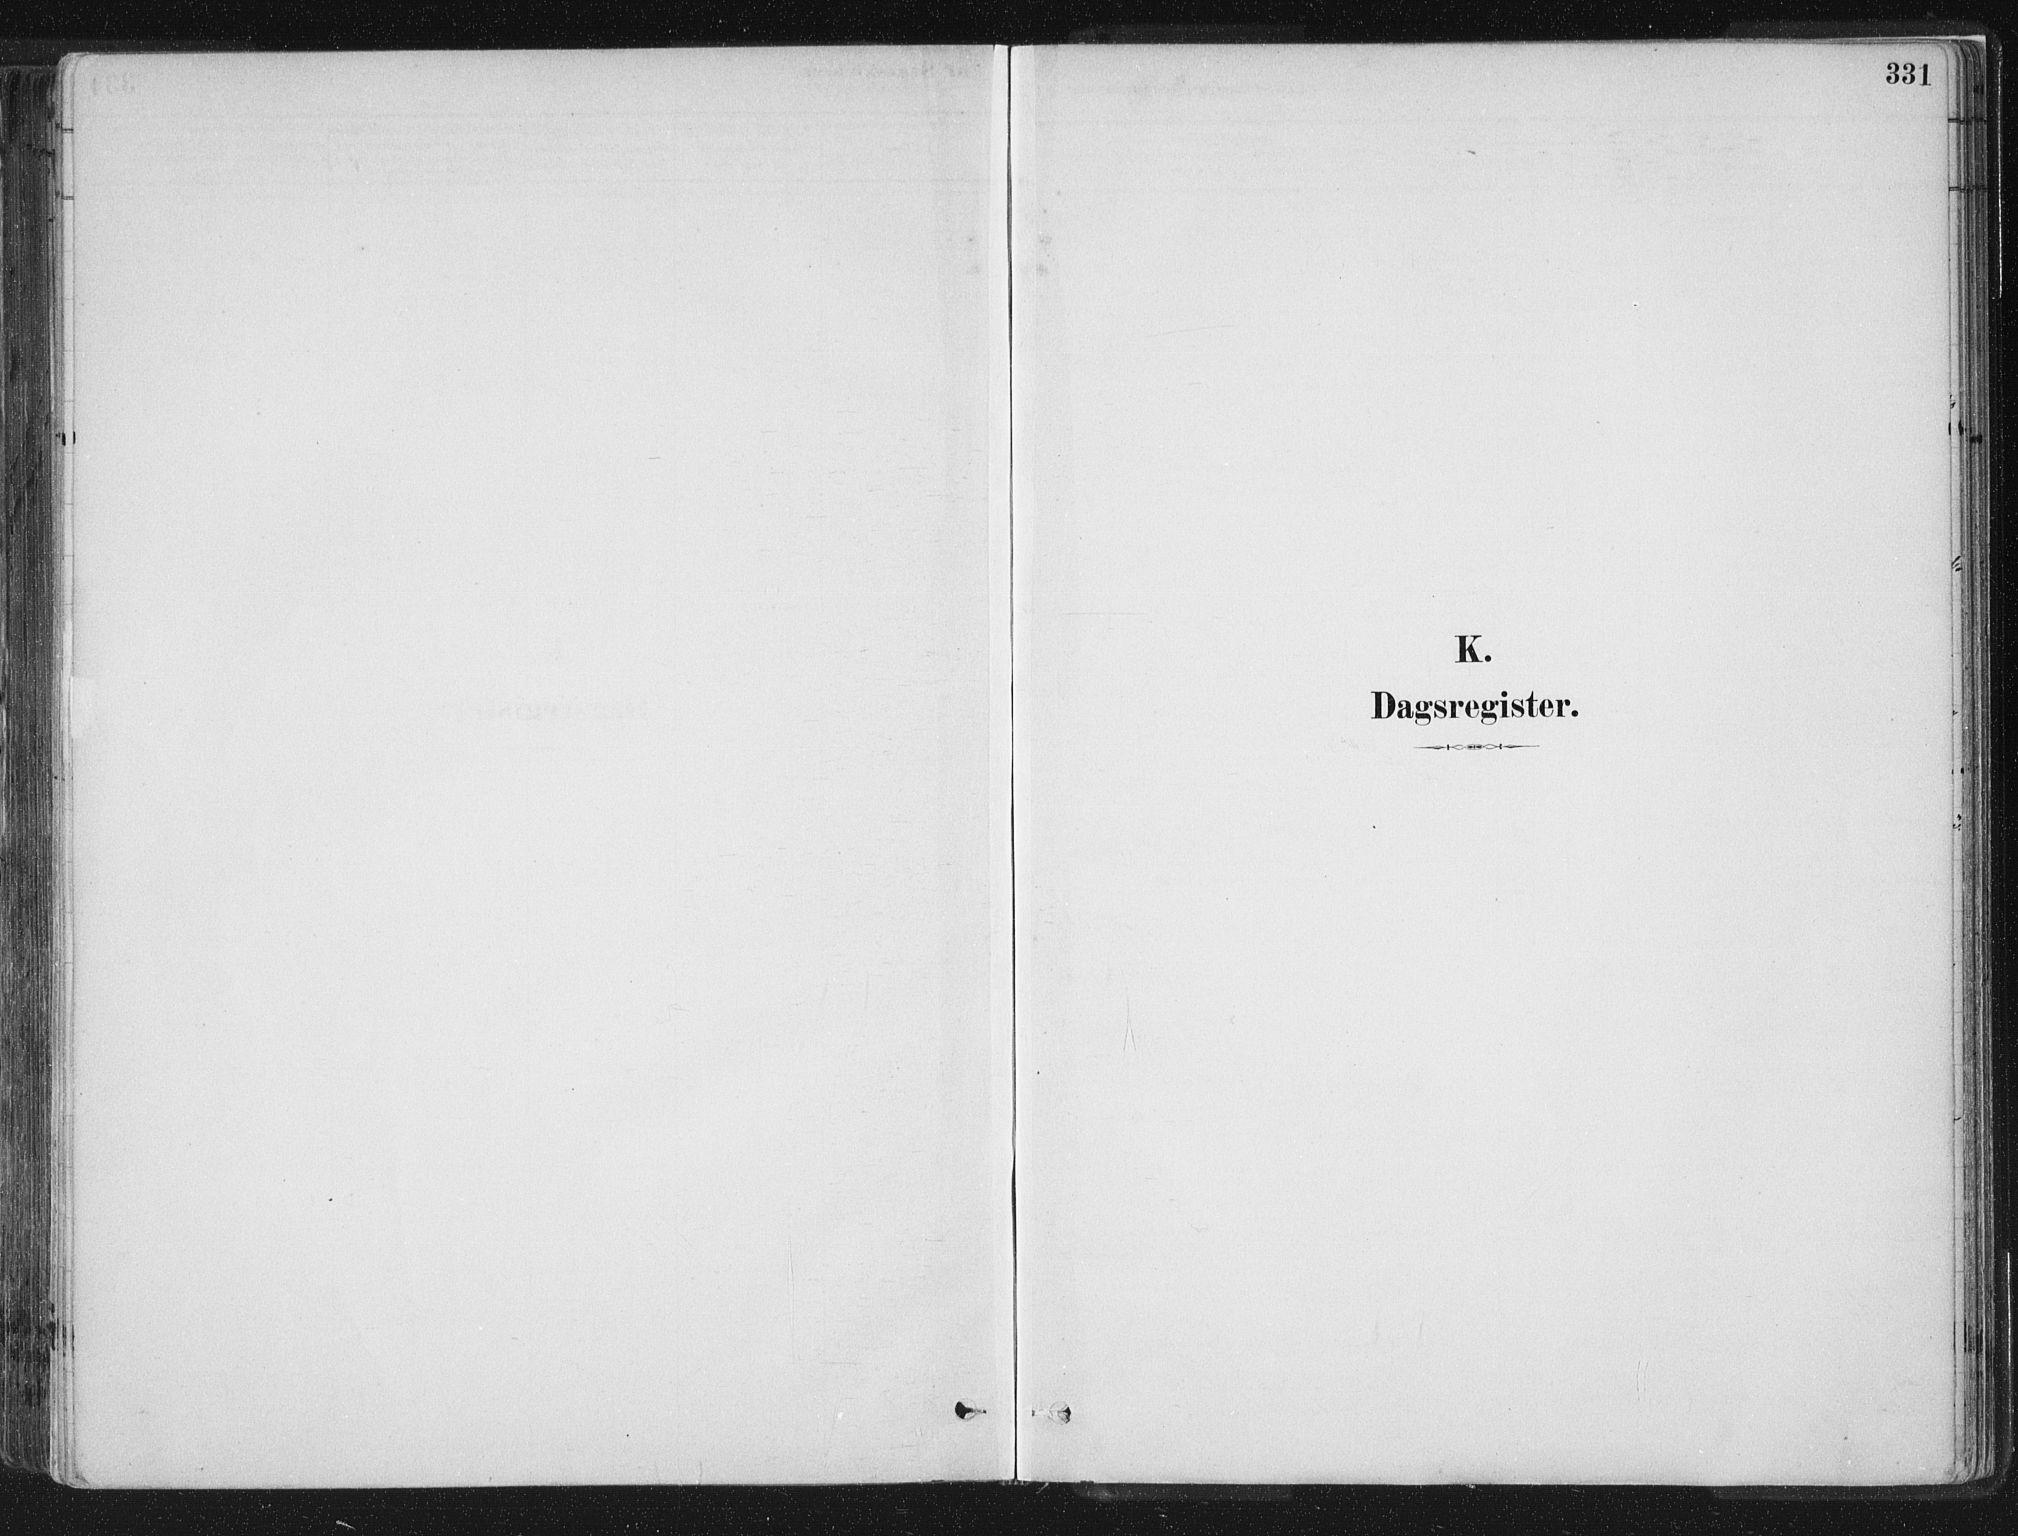 SAT, Ministerialprotokoller, klokkerbøker og fødselsregistre - Sør-Trøndelag, 659/L0739: Ministerialbok nr. 659A09, 1879-1893, s. 331